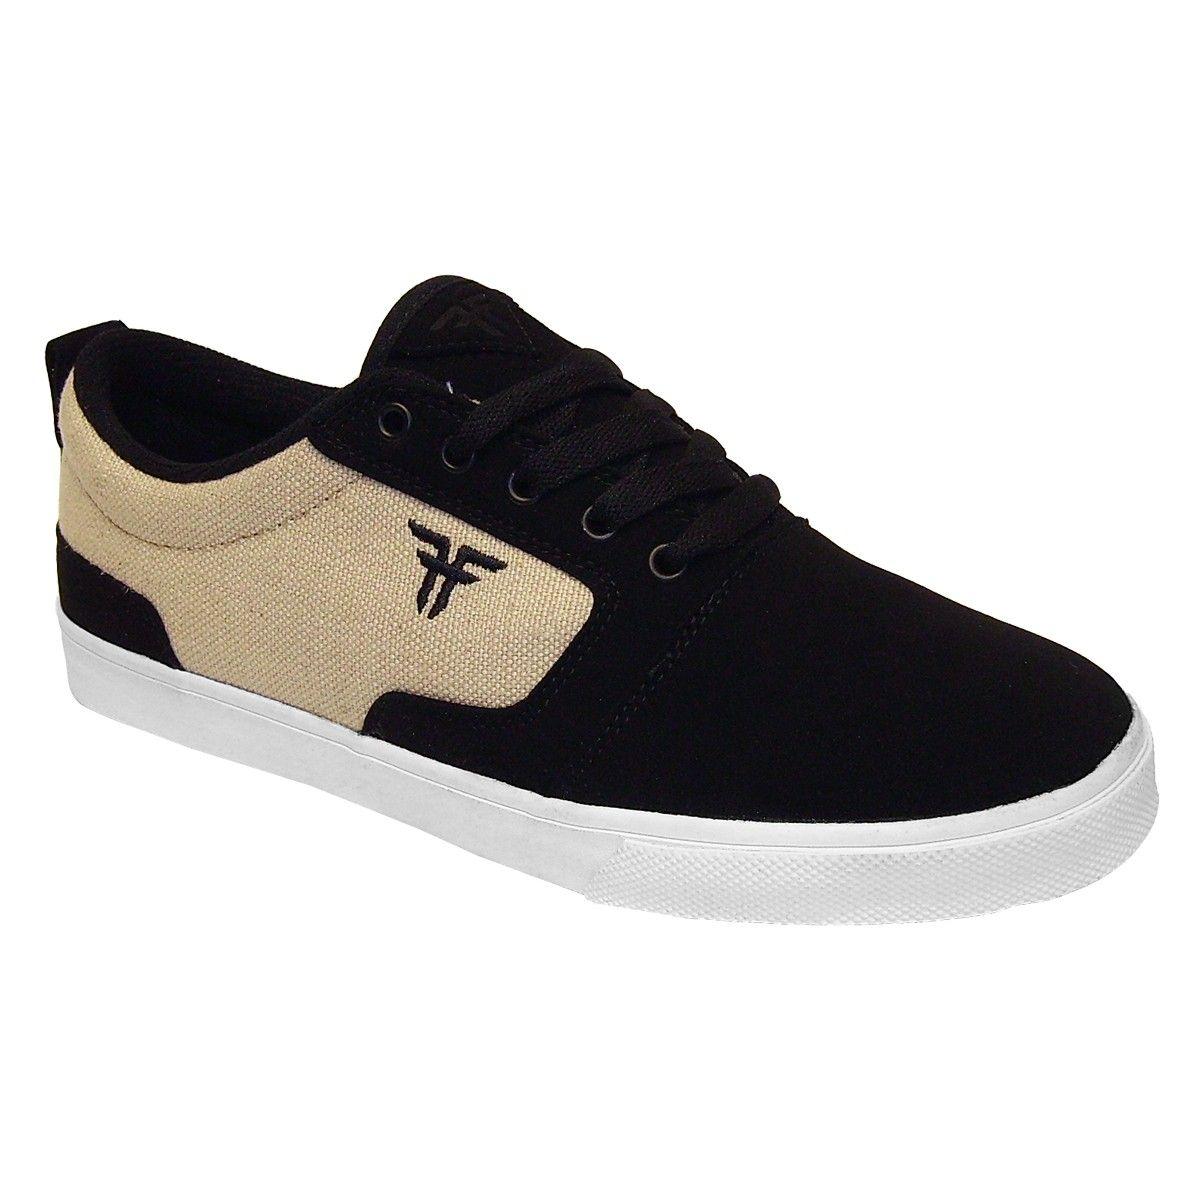 Skate shoes kingston - Fallen Kingston Tommy Sandoval Signature Black Khaki Chaussures De Skate 85 Fallen Fallenfootwear